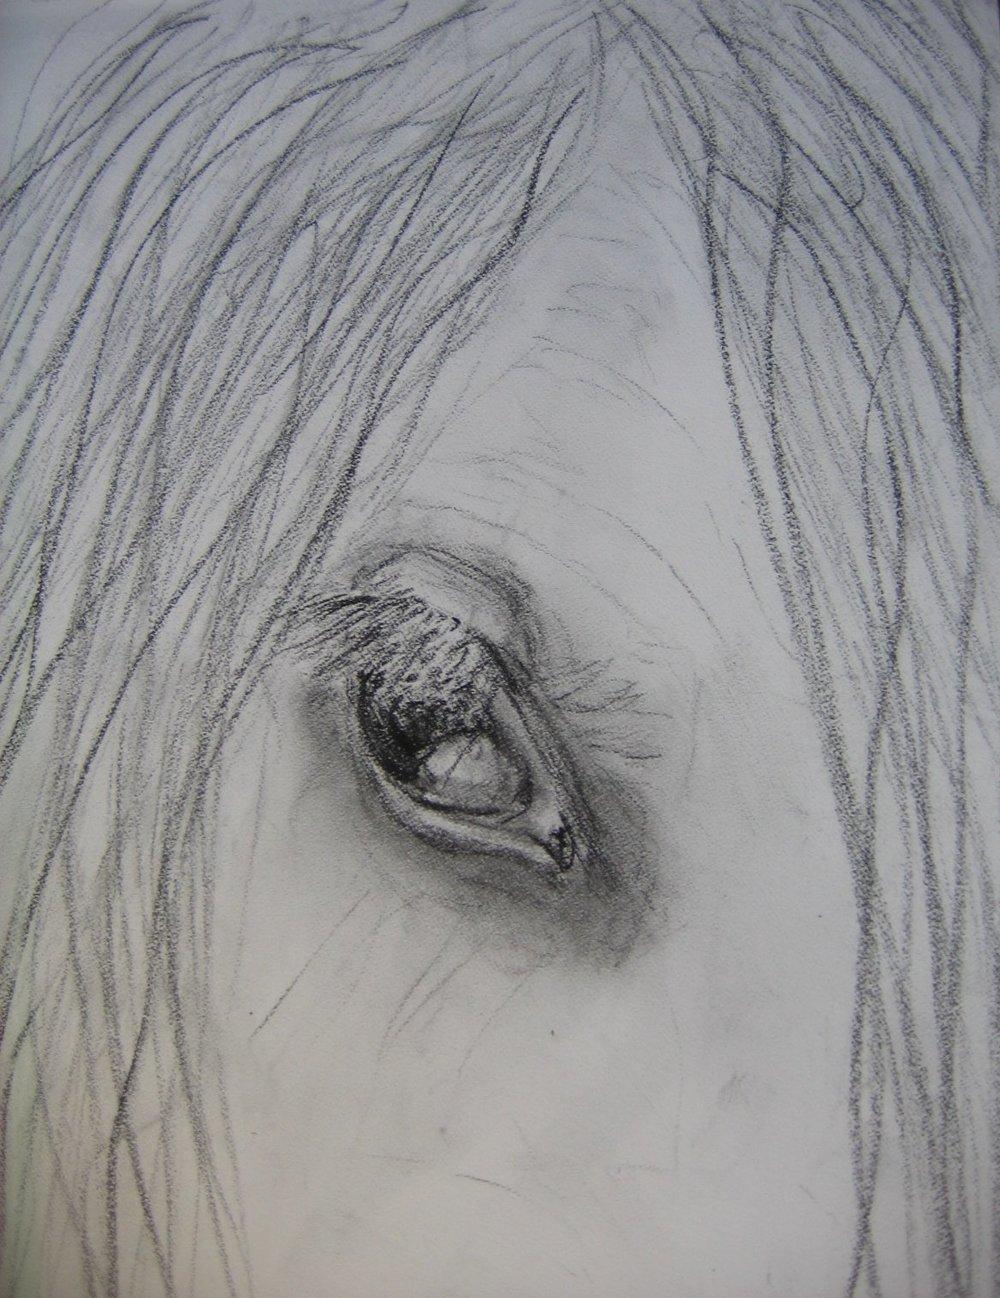 eye detail2.jpg